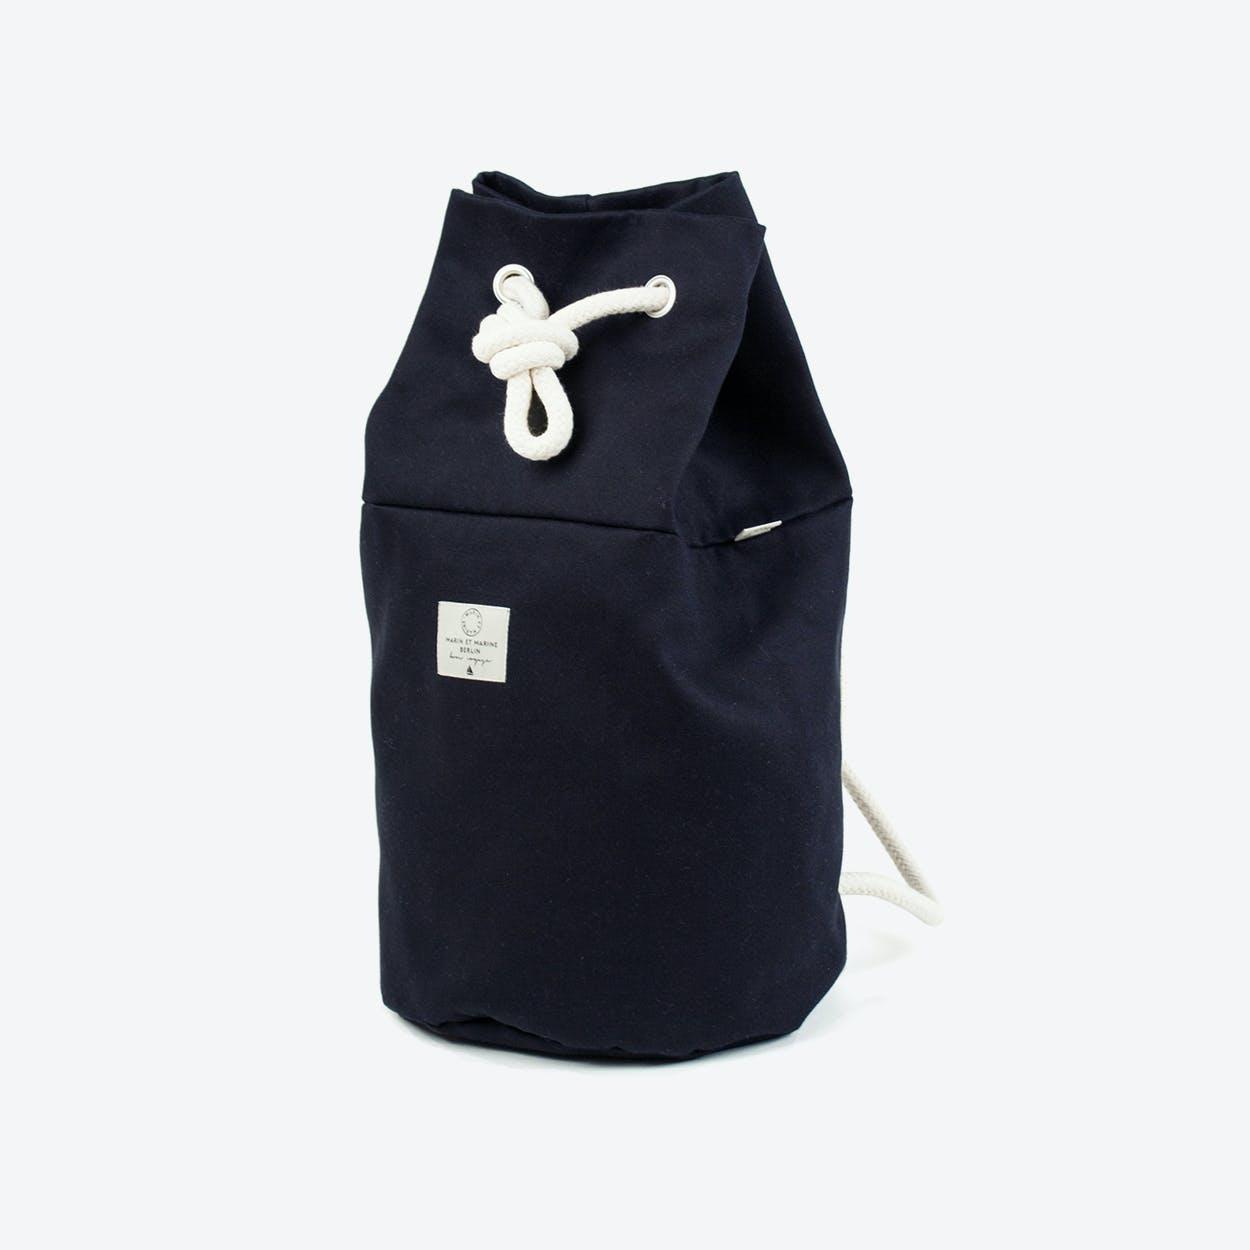 Rainbag Navy in Dark Blue